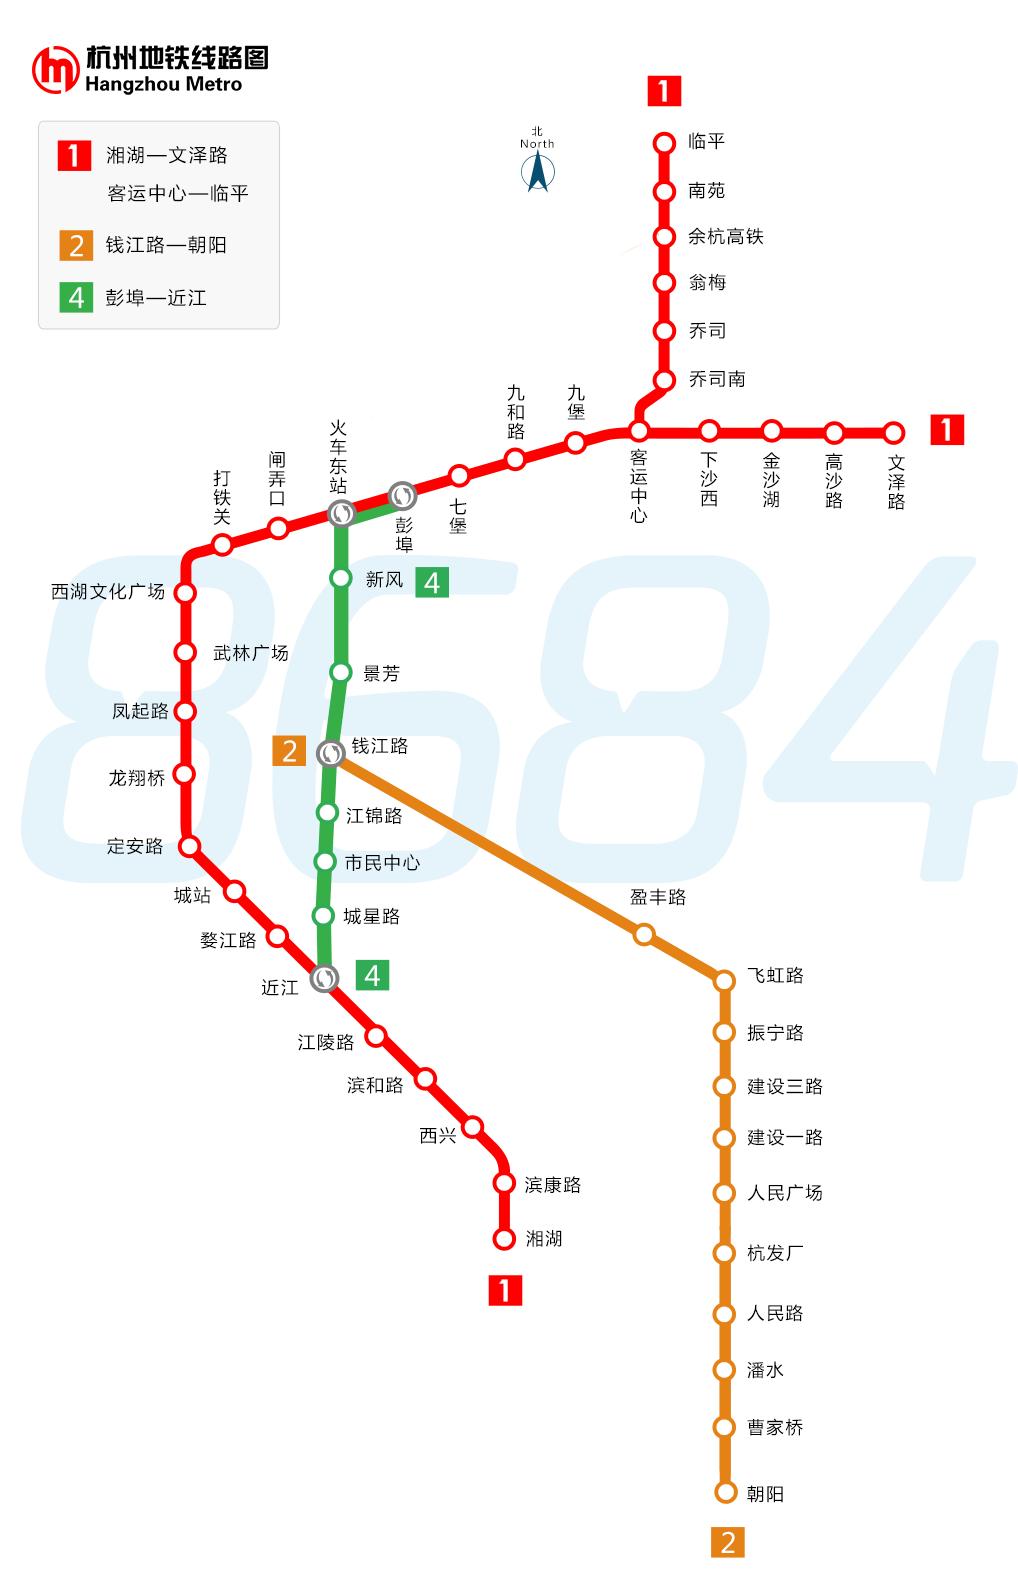 杭州地铁_杭州地铁线路图_杭州地铁路线_杭州地铁线路